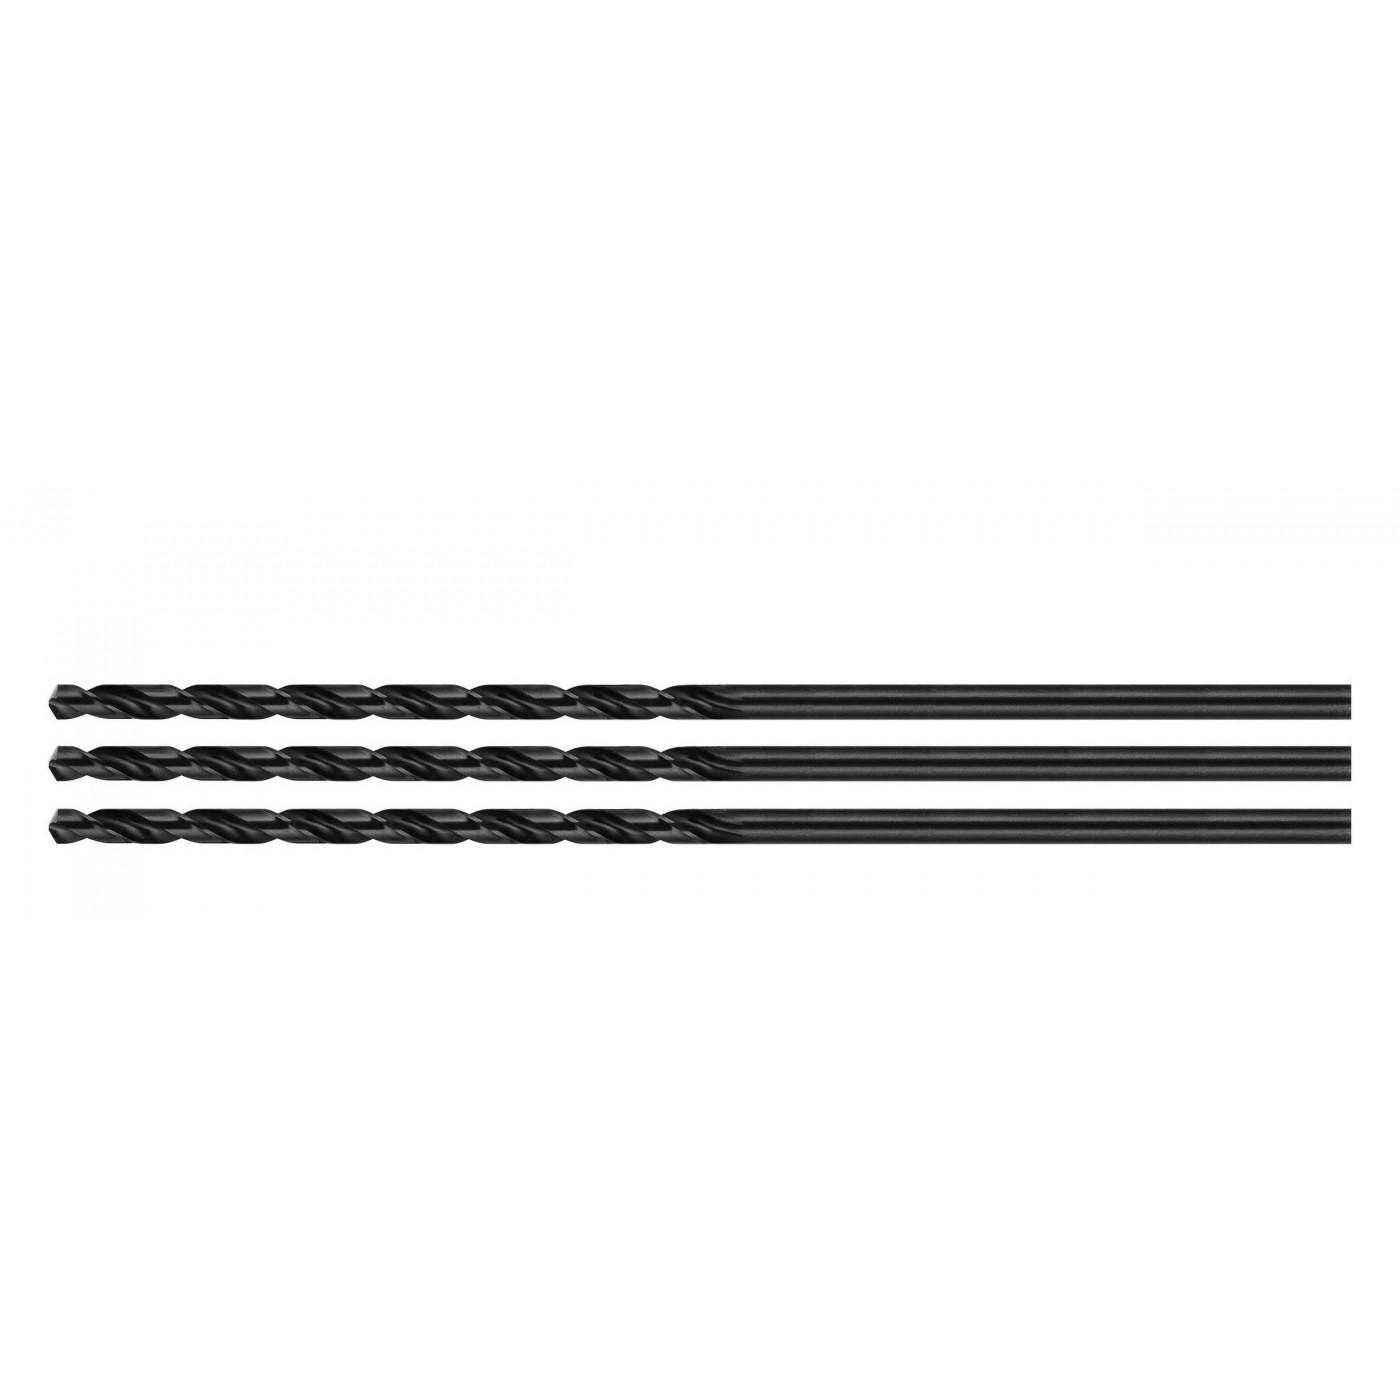 Set von 3 Metallbohrern (HSS, 8,0x200 mm)  - 1